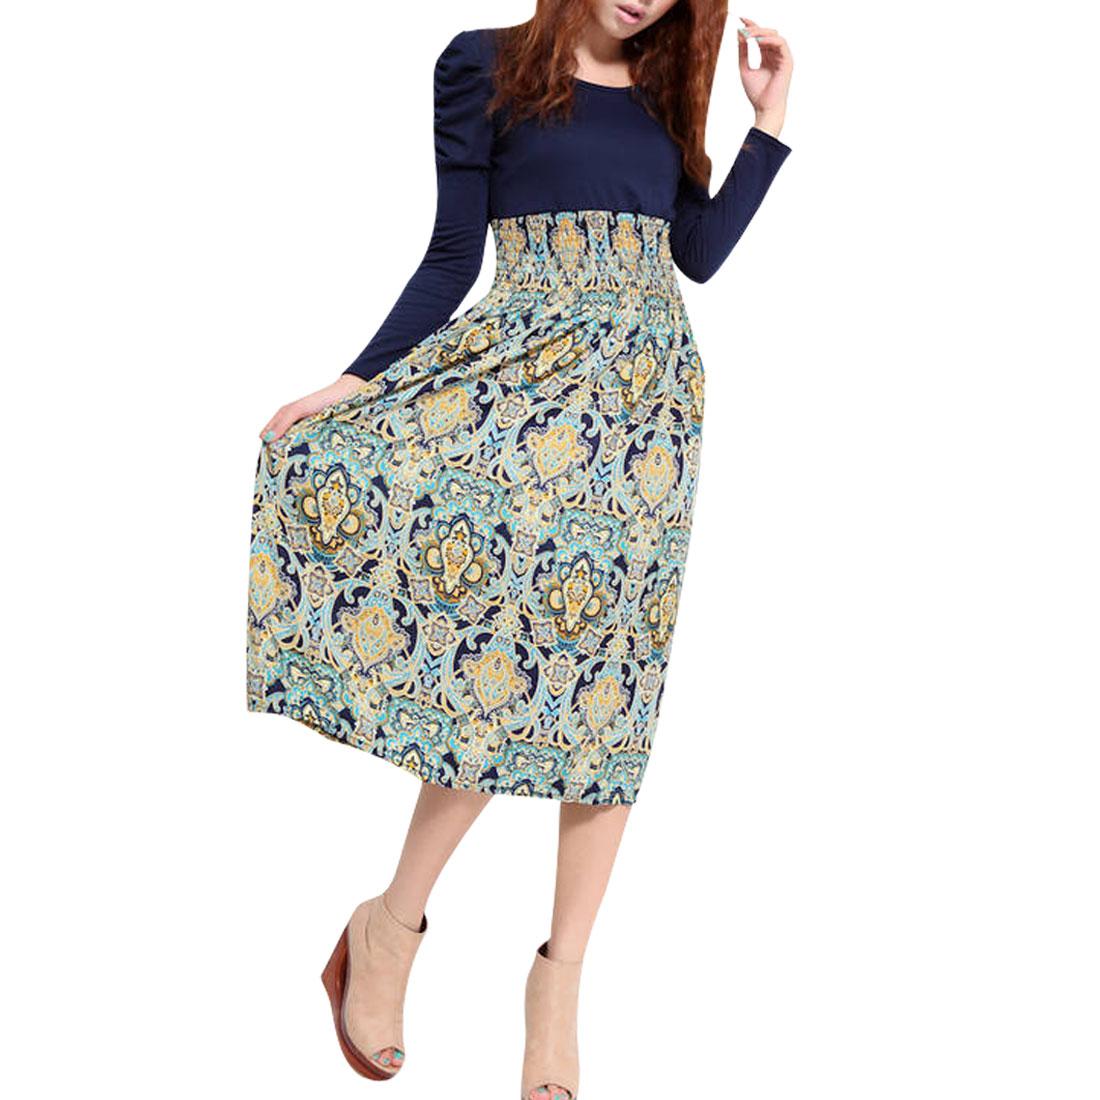 Women Dark Blue Light Gray Scoop Neck Novelty Prints High Waist Panel Dress XS